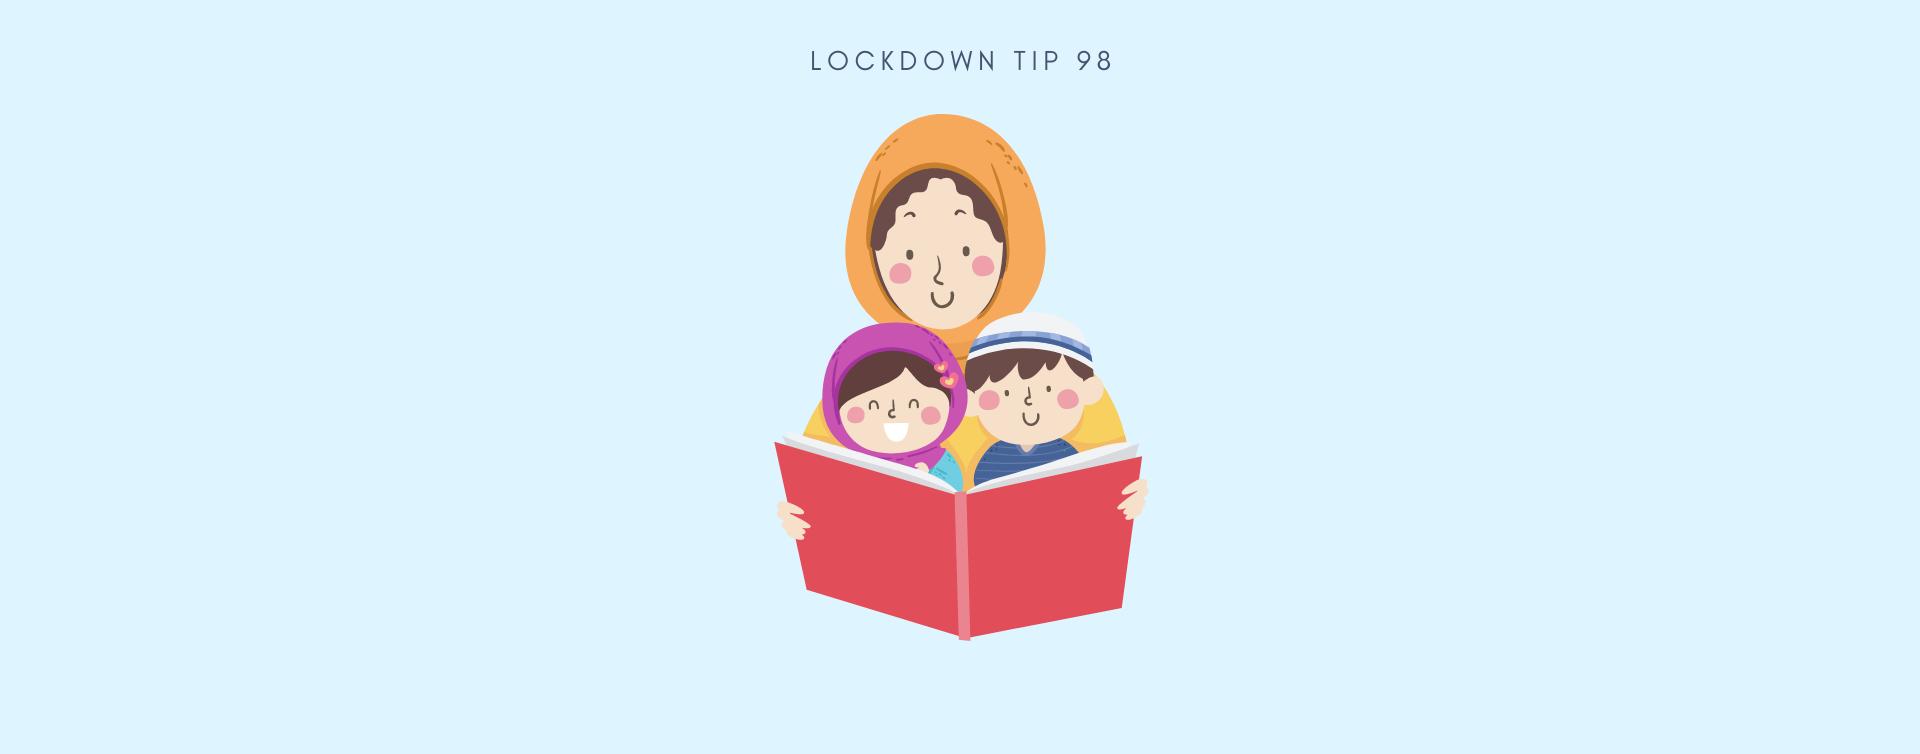 MCSA Lockdown Tip 98